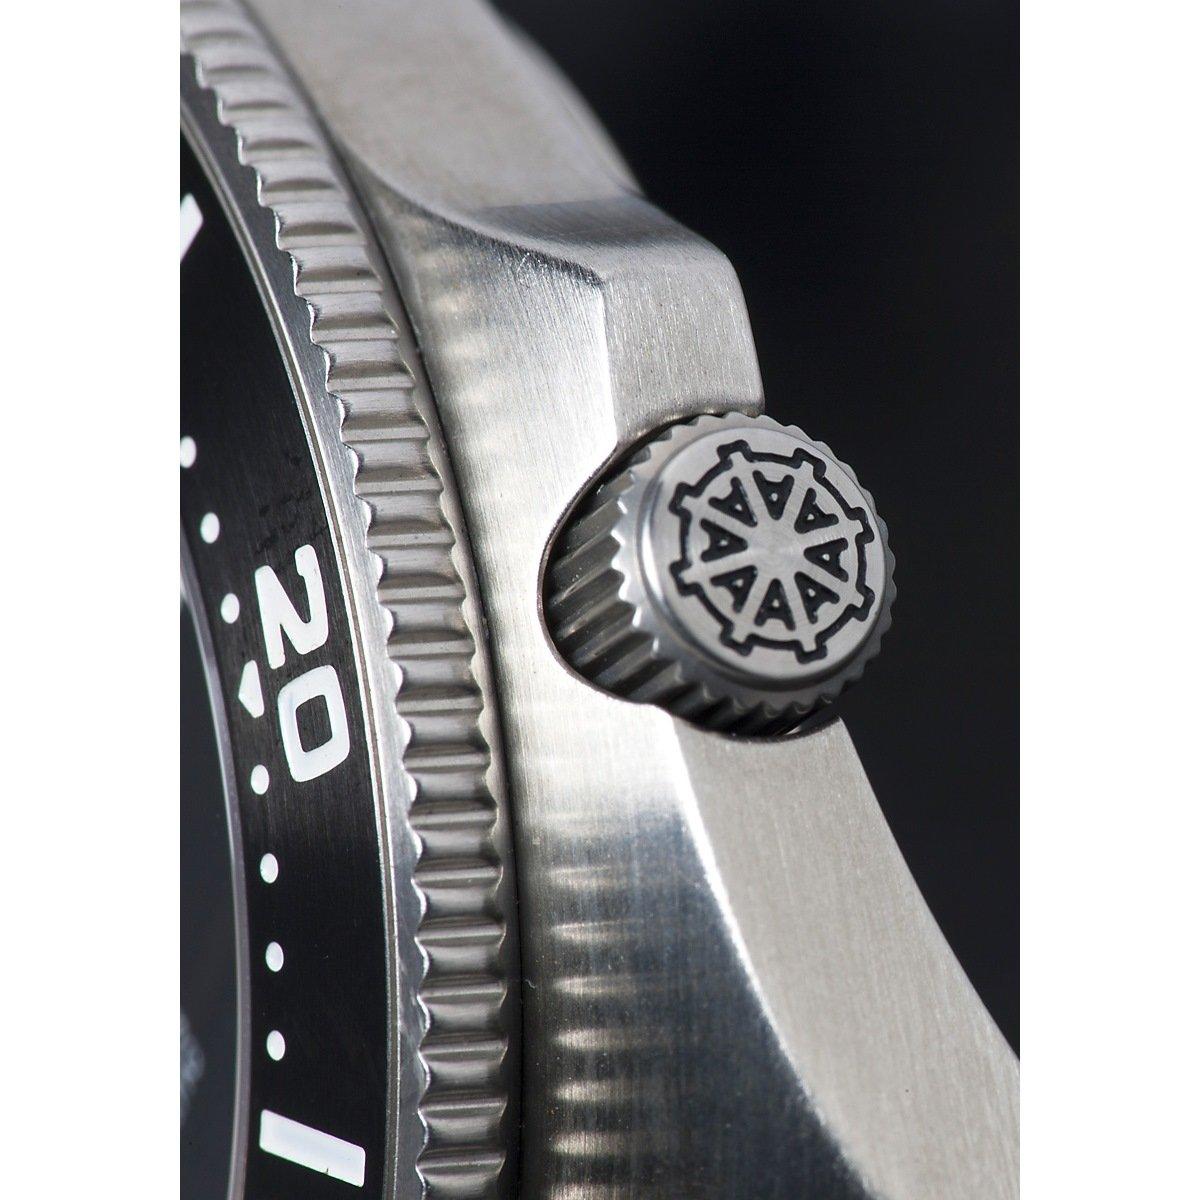 Montre Auricoste Spirotechnique 42mm 300m A9112 vue 3